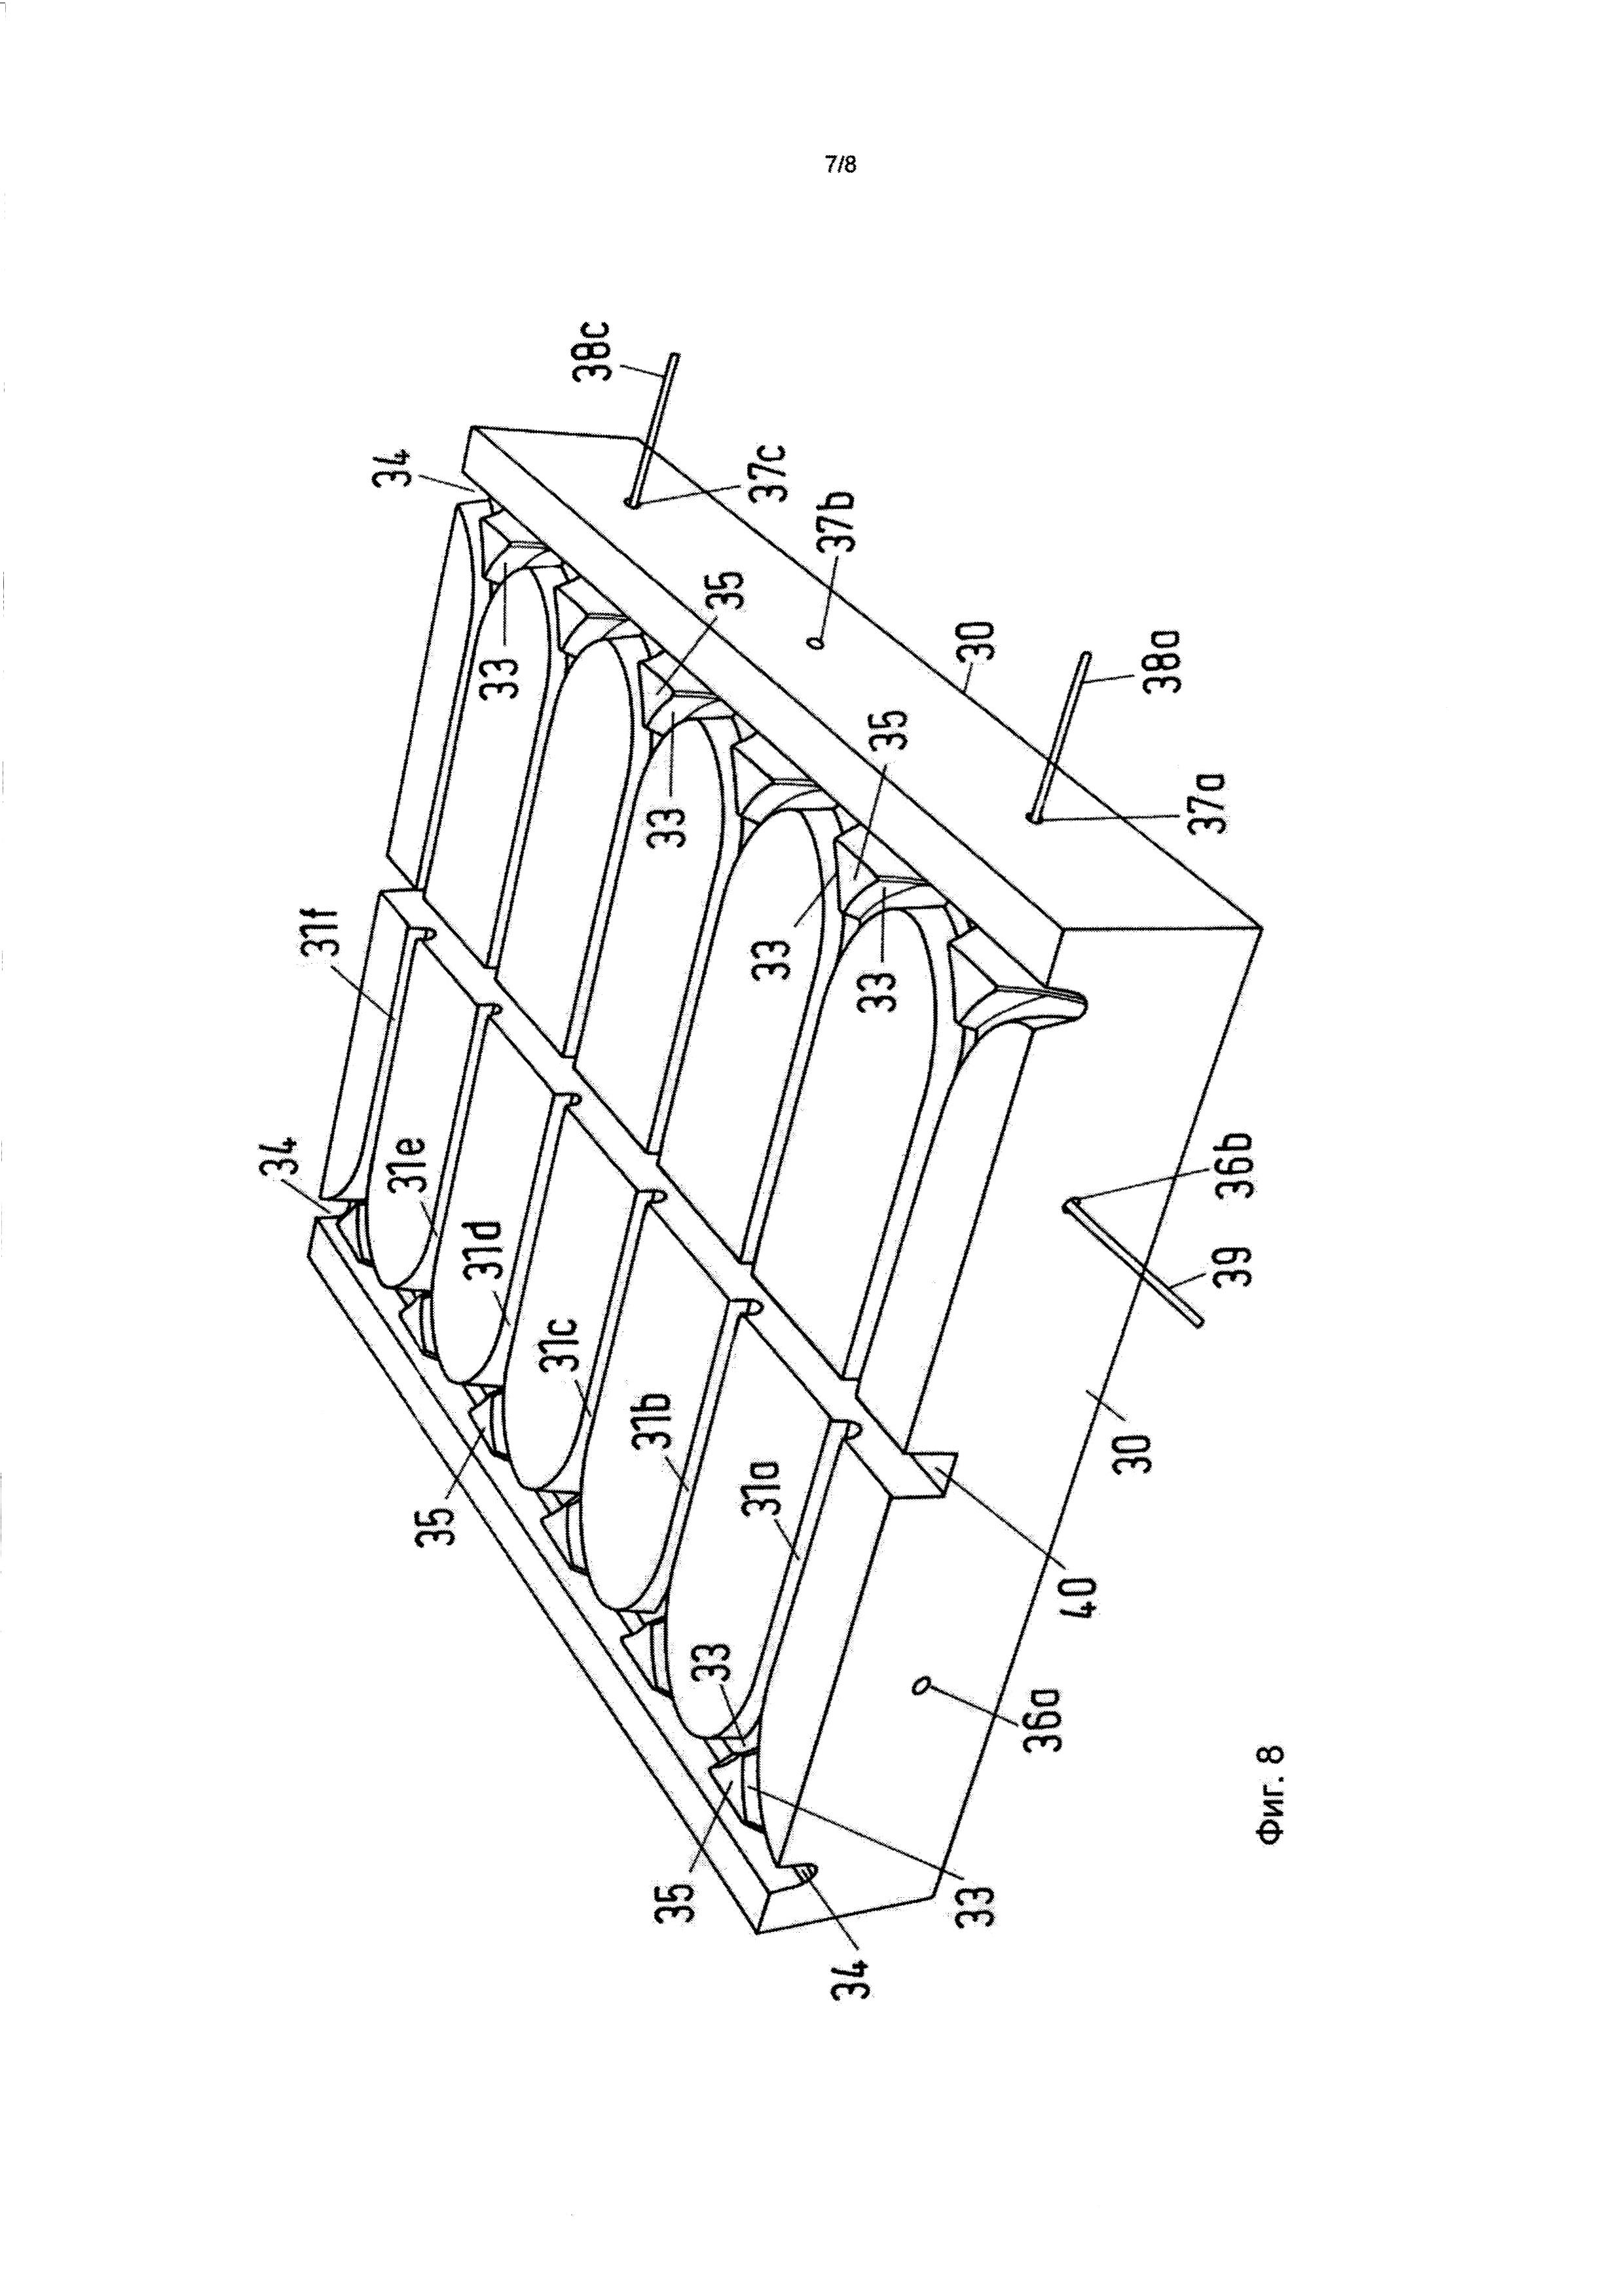 Блок плиты дорожного покрытия и способ изготовления плиты дорожного покрытия